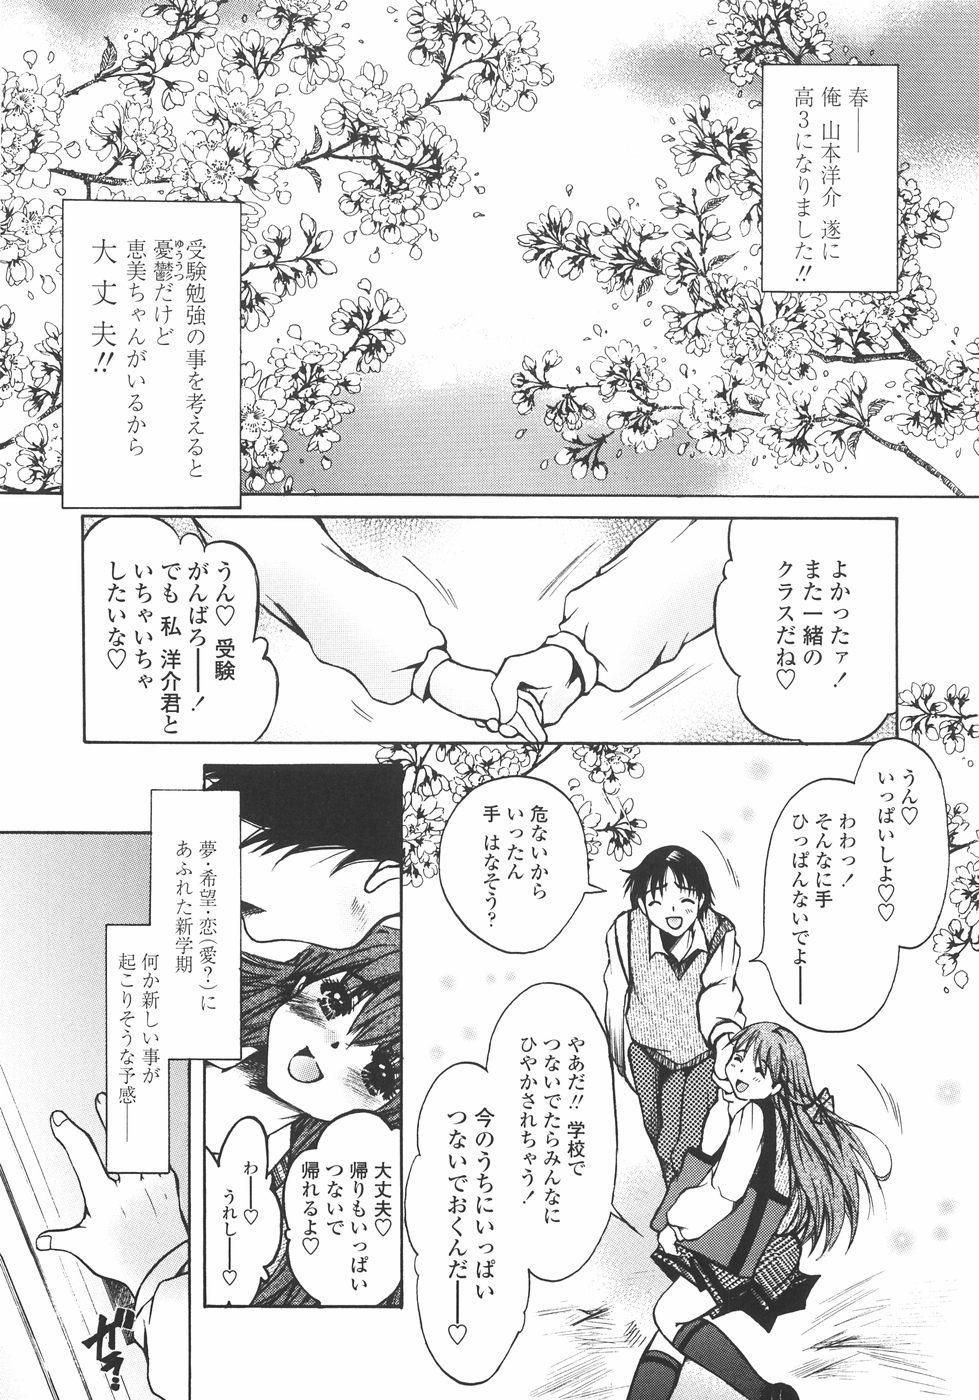 Mainichi Suki Shite♡ Kanojo to Ore to Imouto no Baai 46